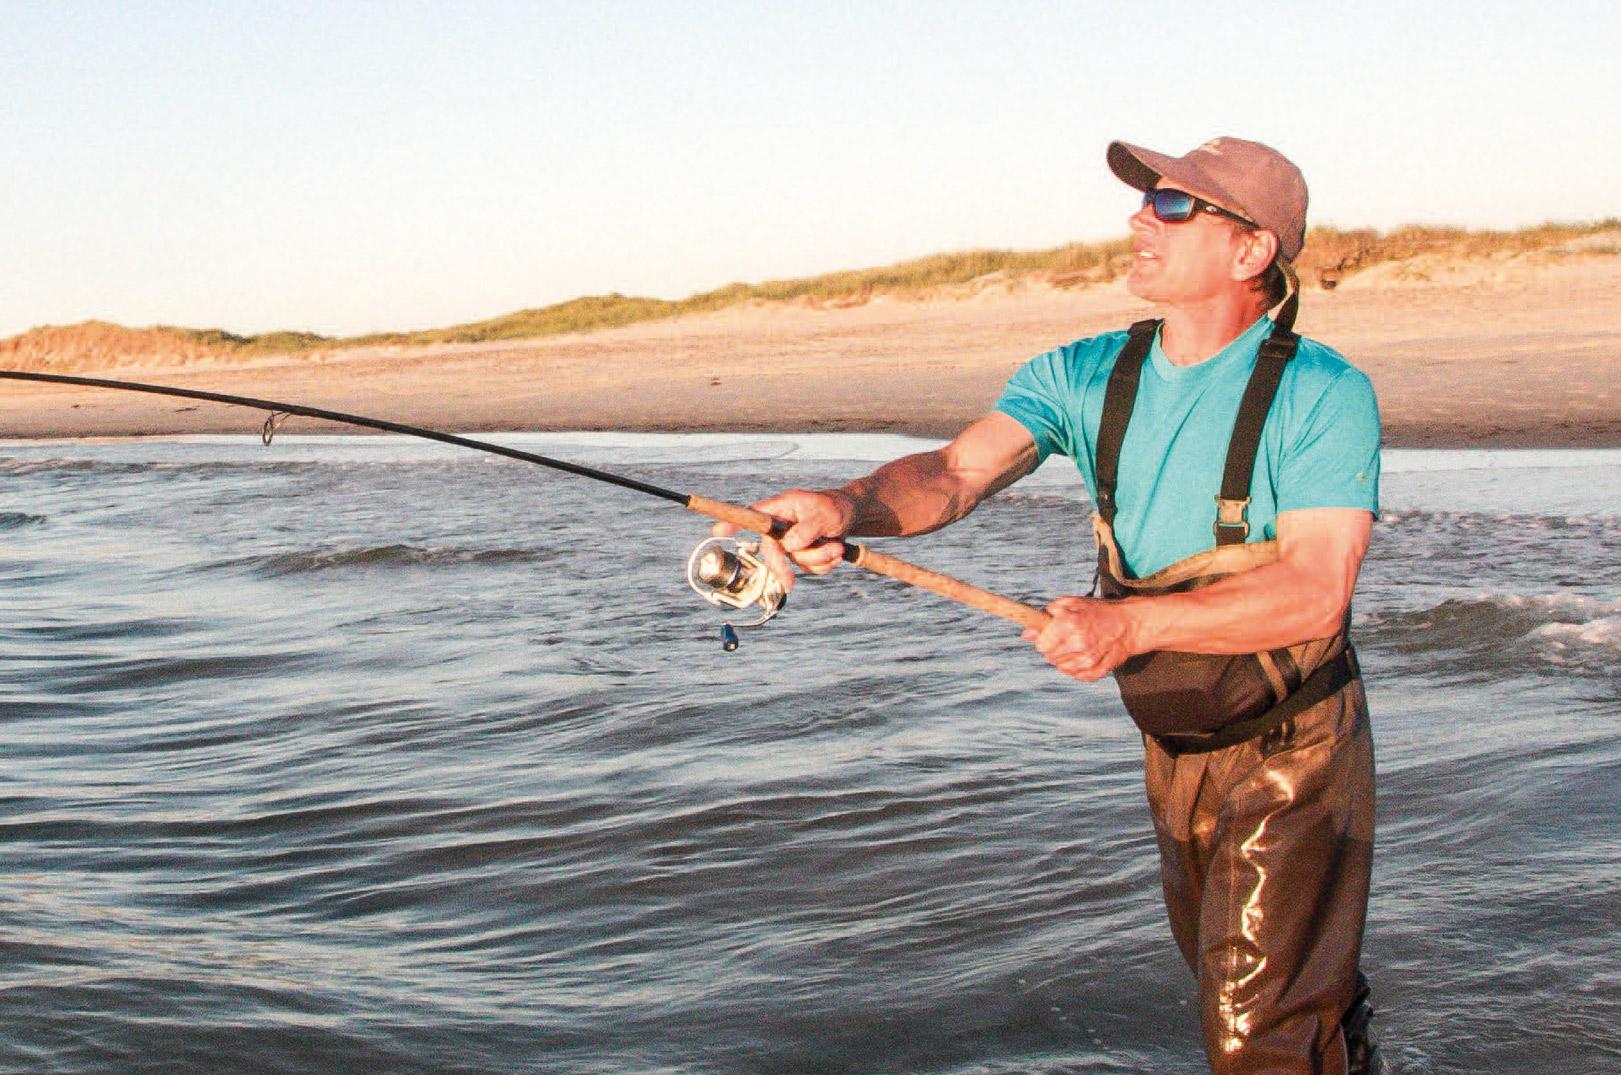 Lange kast med afpasset grej giver flere kontakter fra kysten. Vær ikke tilbageholdende med kastevægten for at nå lidt længere ud.